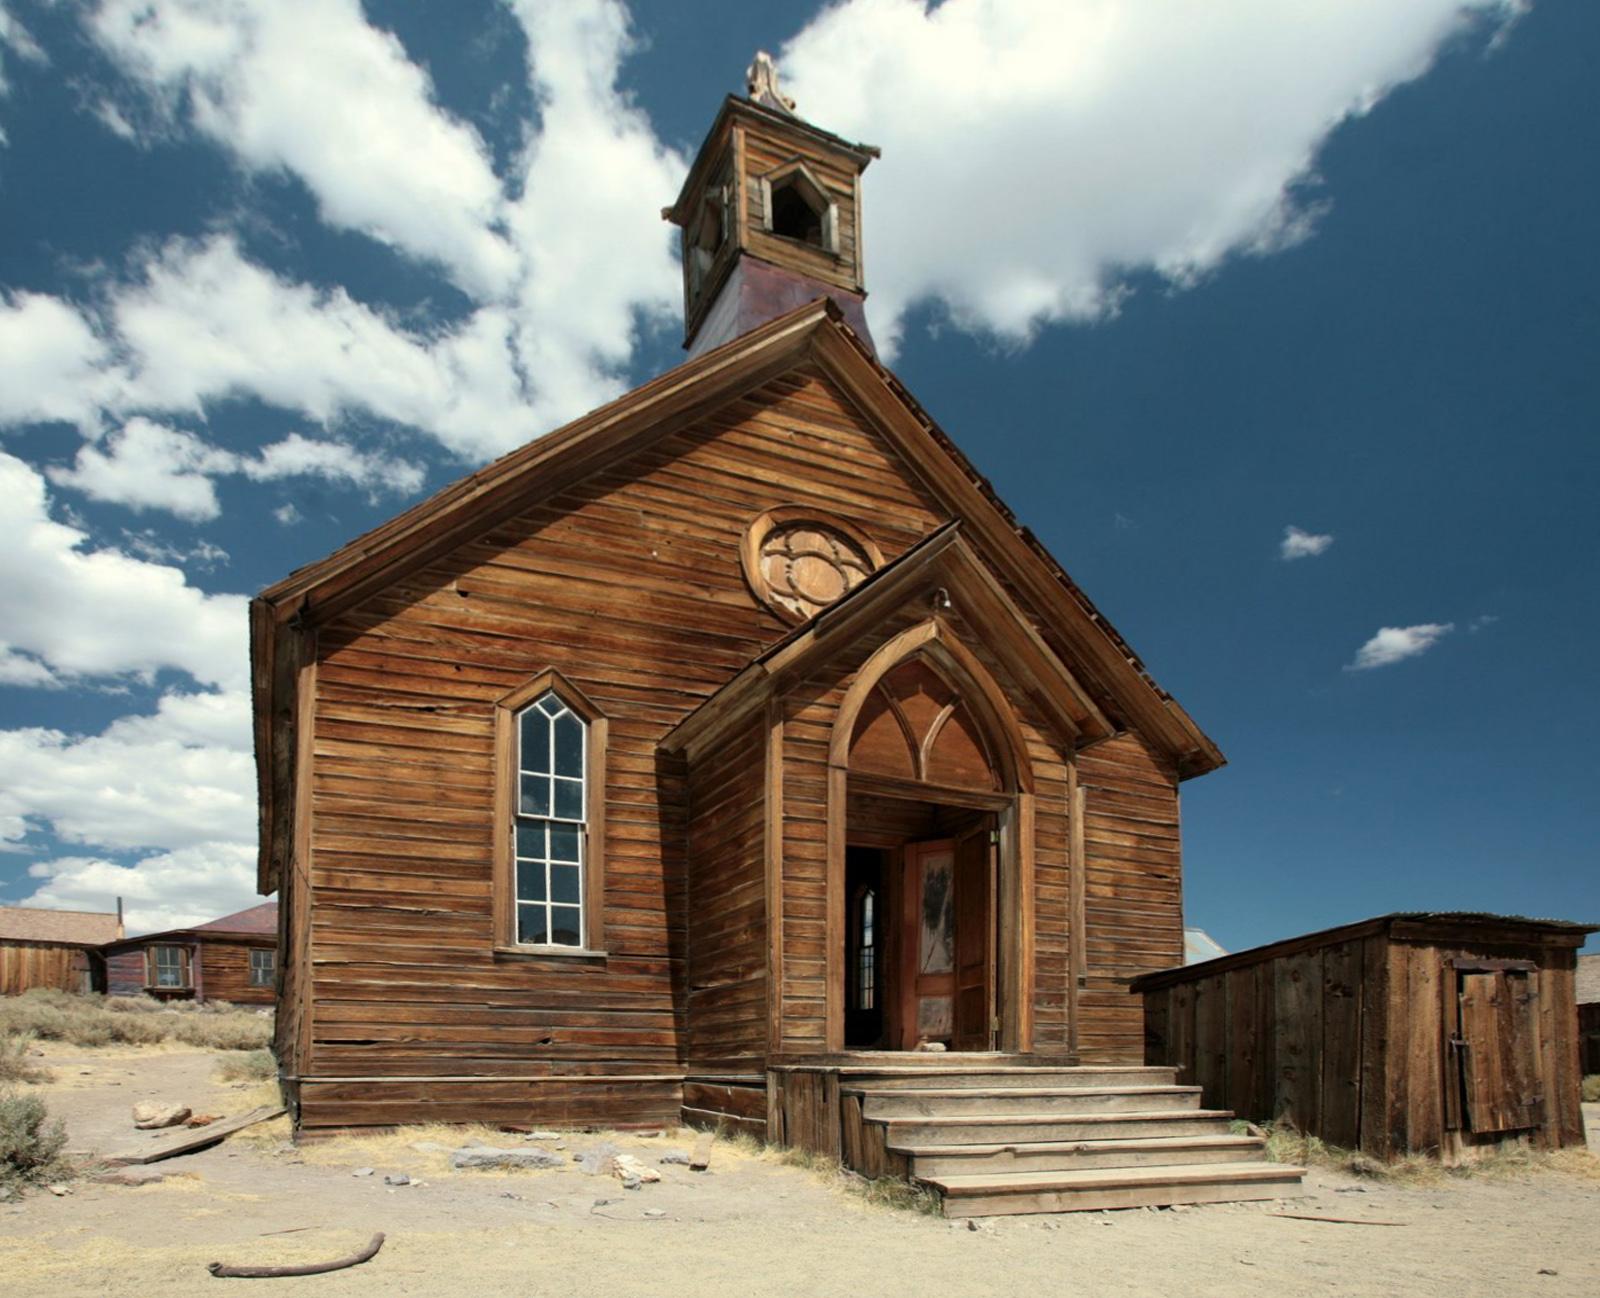 8. Bodi, Kalifornija - Davne 1879. godine Bodi je bio grad u procvatu u kom je živelo oko 8.500 stanovnika, koji su se pored toga što su bili rudari u potrazi za zlatom, isticali i po brojnim svađama i tučama. U roku od 10 godina, rudnici su uglavnom osiromašeni, što je dovelo do neprestanog pada broja stanovnika, a na kraju i totalnim napuštanjem ovog mesta. Iza stanovnika je ostalo 150 građevina koje su i dan danas očuvane.